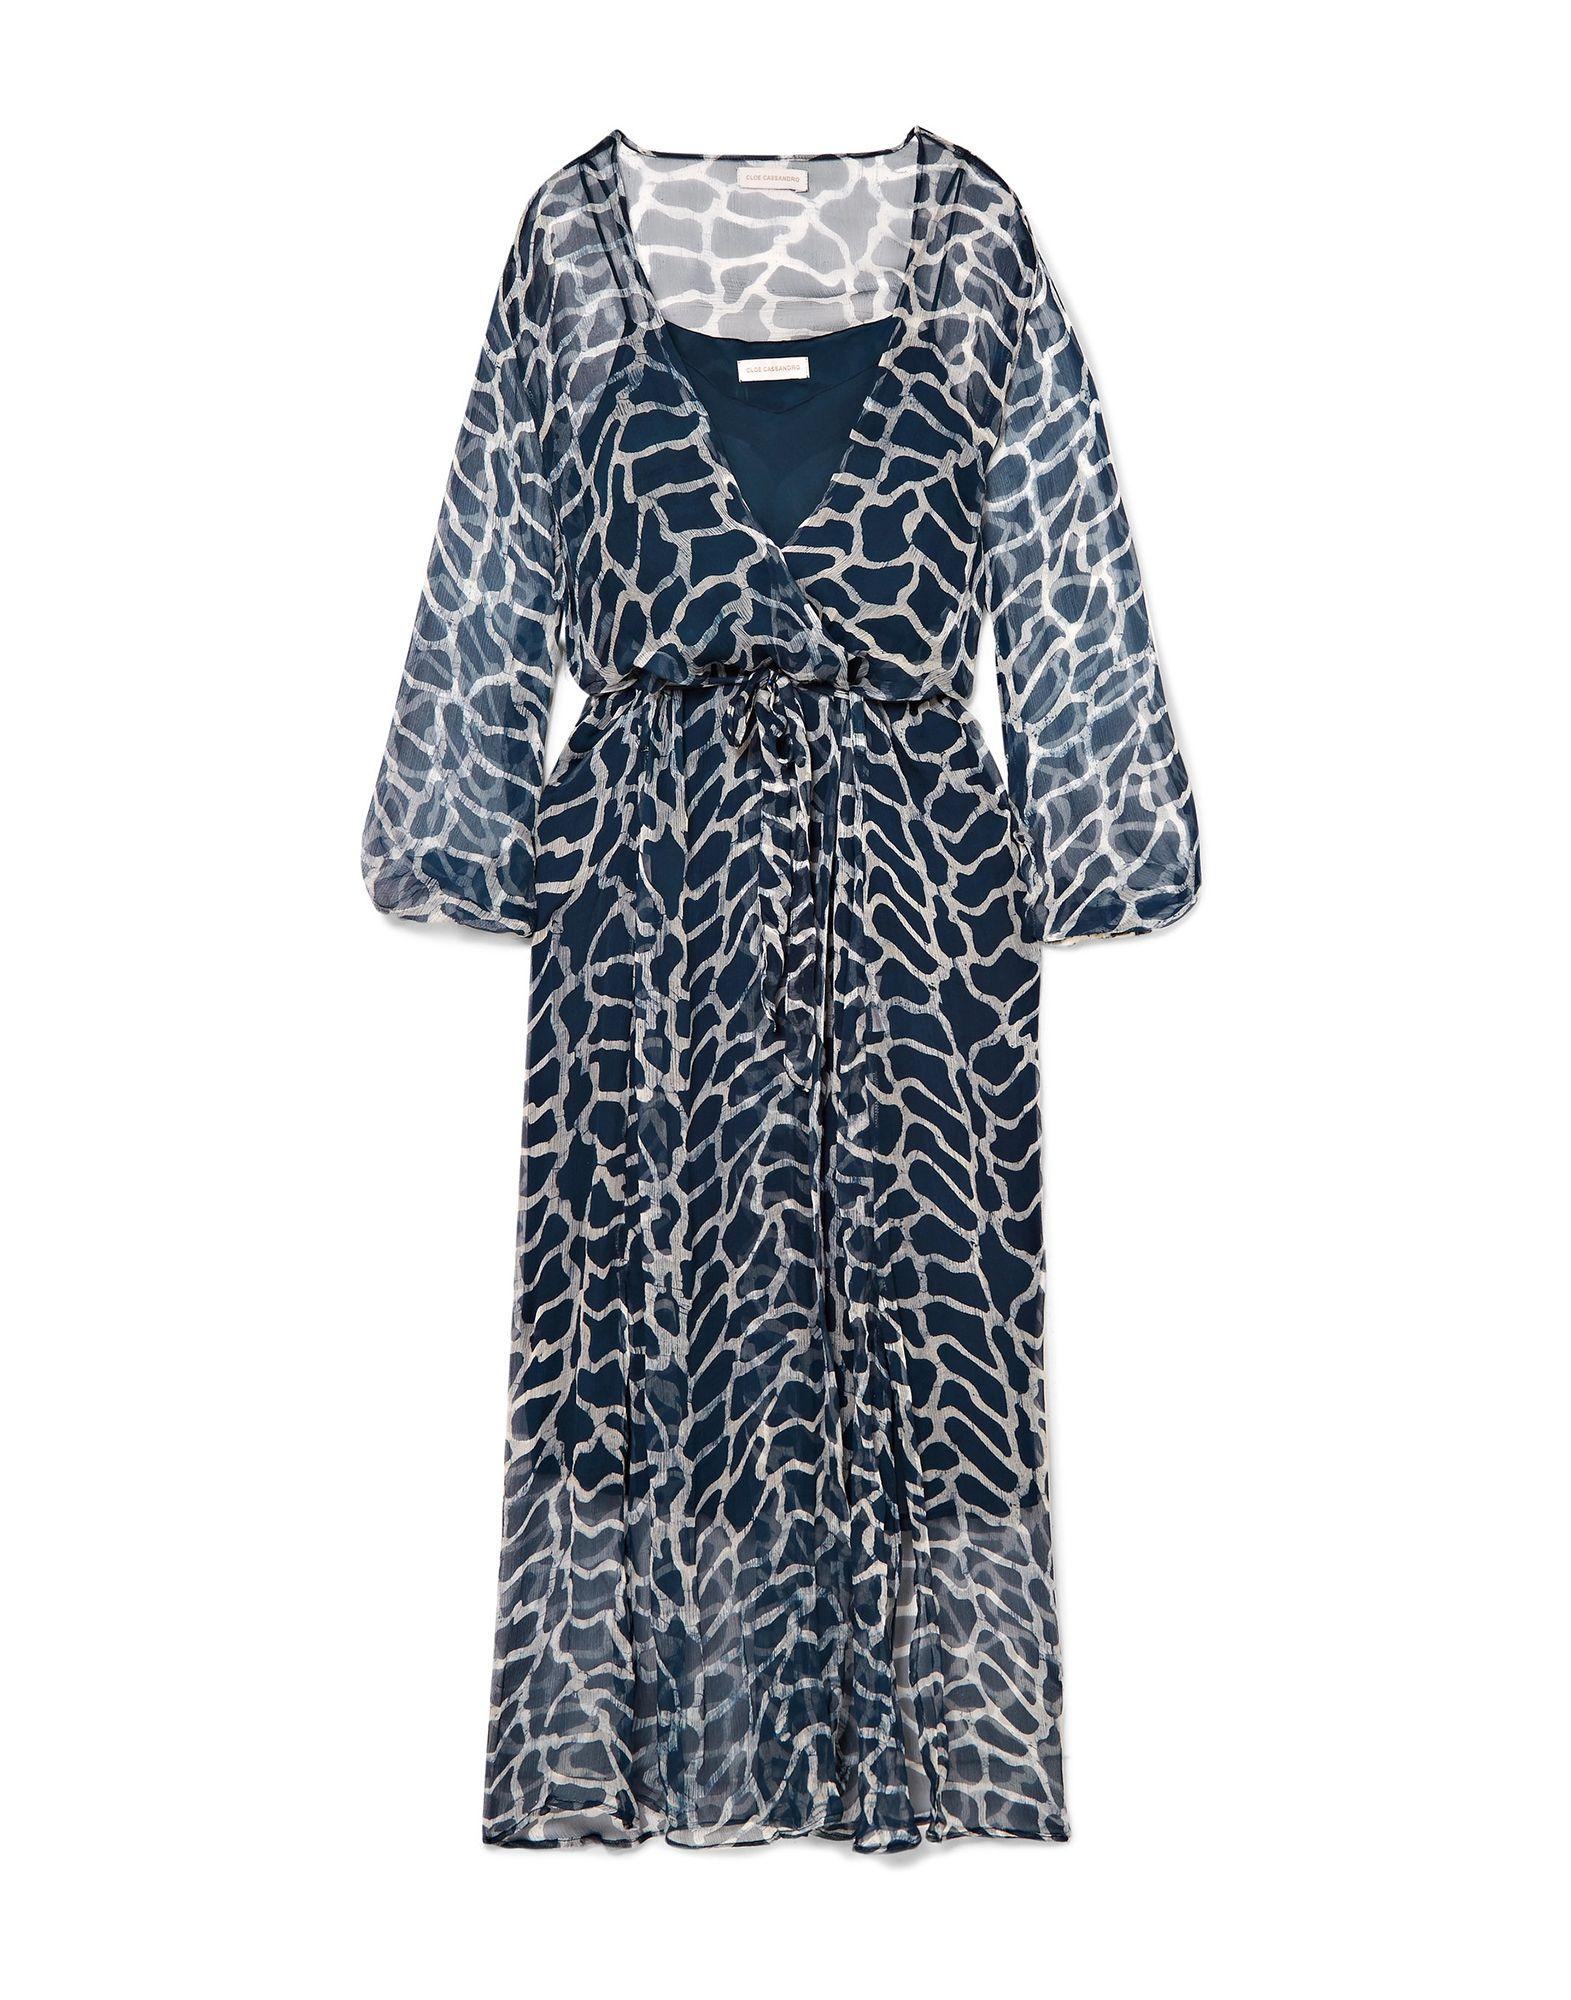 CLOE CASSANDRO Пляжное платье